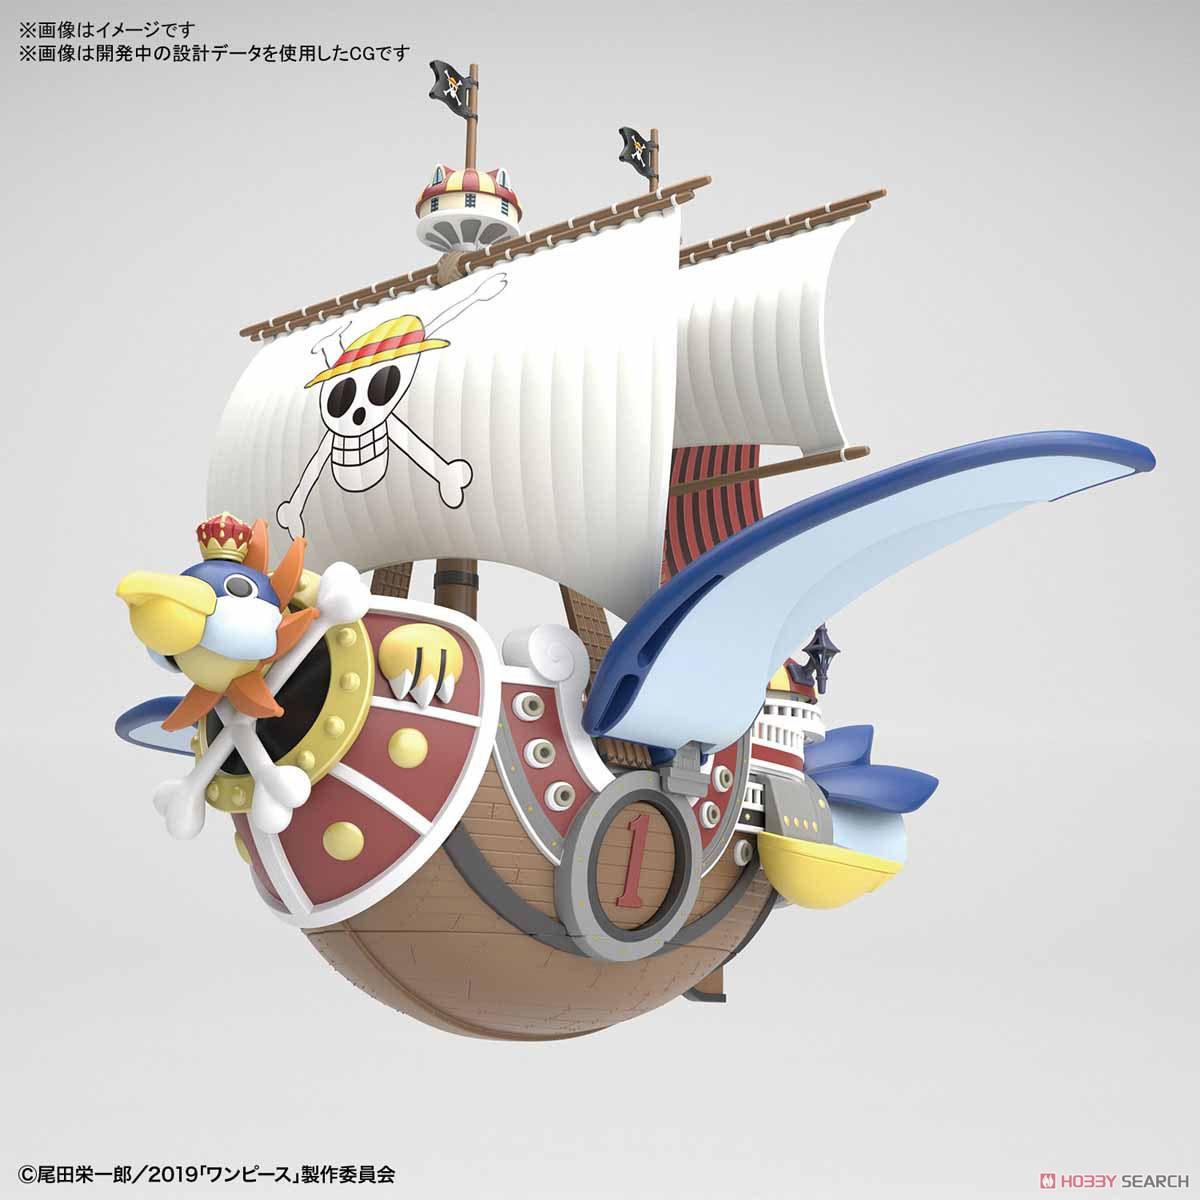 偉大なる船コレクション『サウザンド・サニー号 フライングモデル』ワンピース プラモデル-002